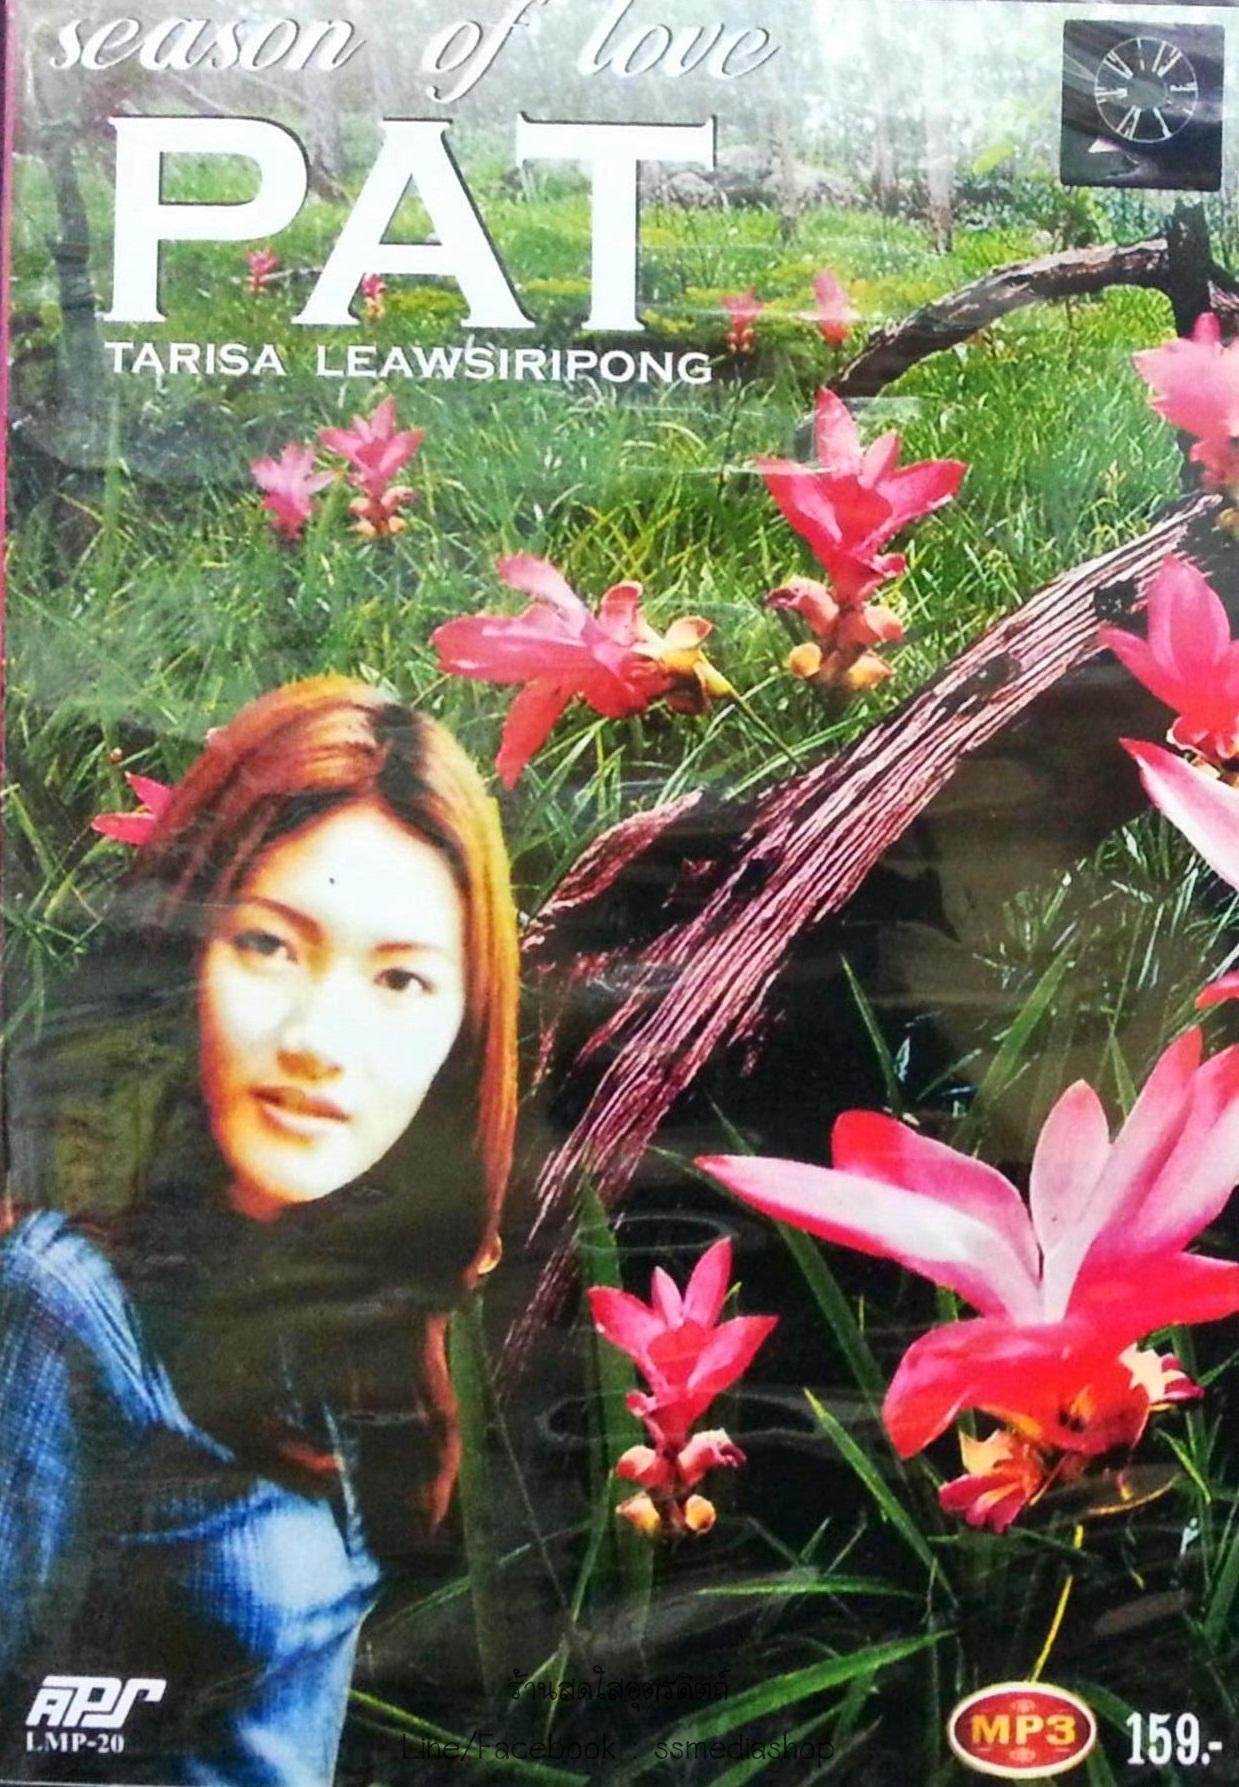 MP3 season of love Pat Tarisa Leawsiripong